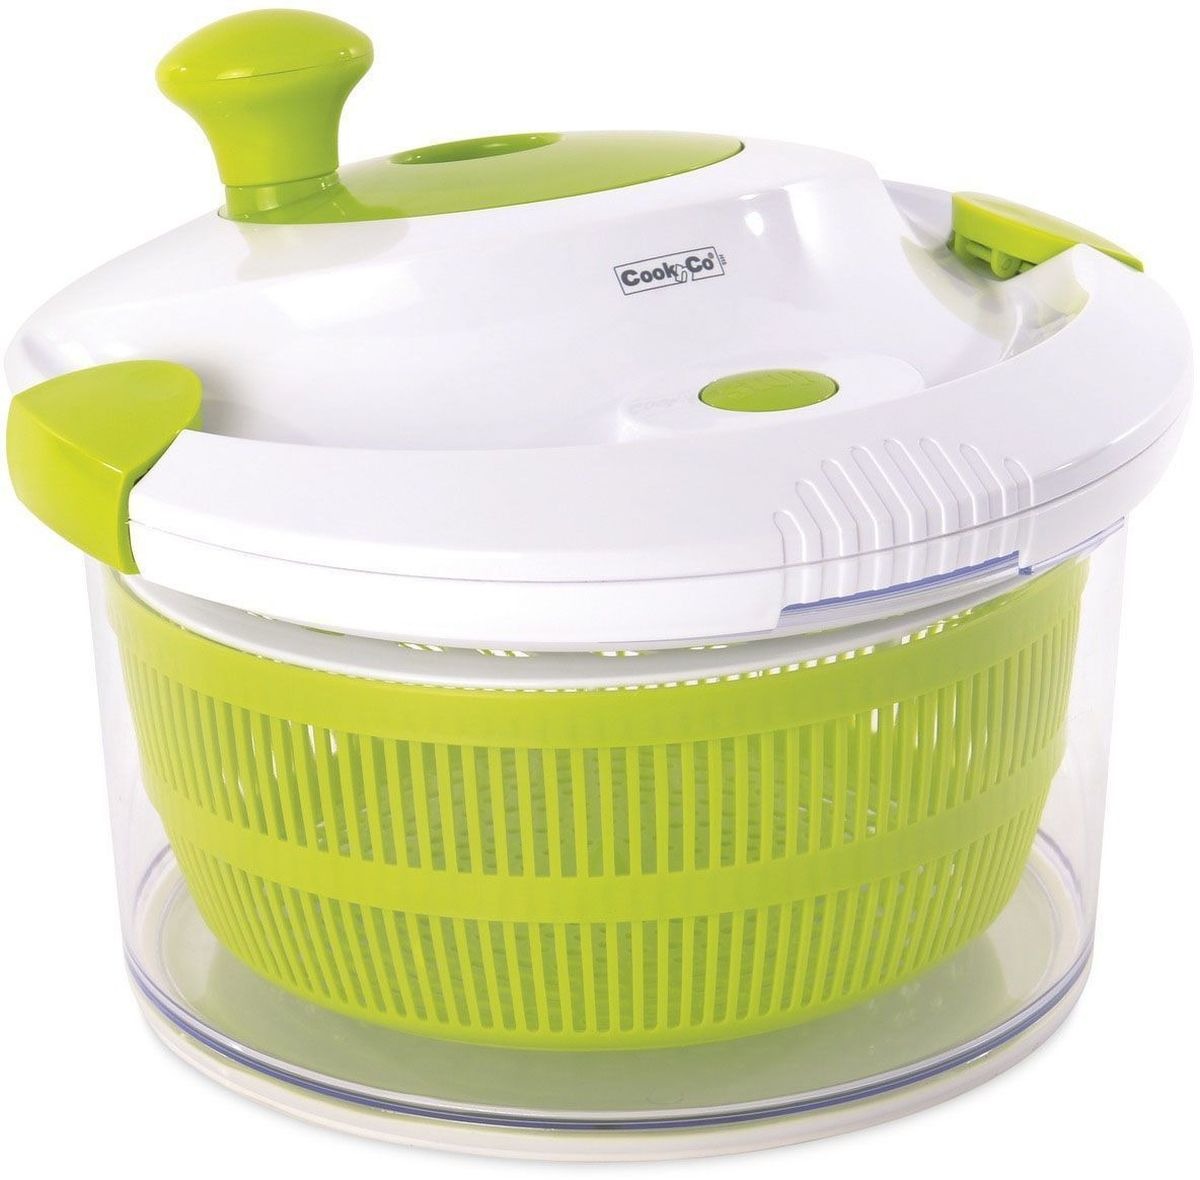 Сушилка для салата. 28001222800122Подходит для мытья и сушки салатной зелени, фруктов и овощей. Легко вращающаяся ручка. Зажимы на крышке обеспечивают безопасную сушку. Прозрачное основание может быть использовано для сервировки. Кнопка быстрой остановки . Миска 4,7 л. Имеет нескользящее основание. Подходит для мытья в посудомоечной машине.